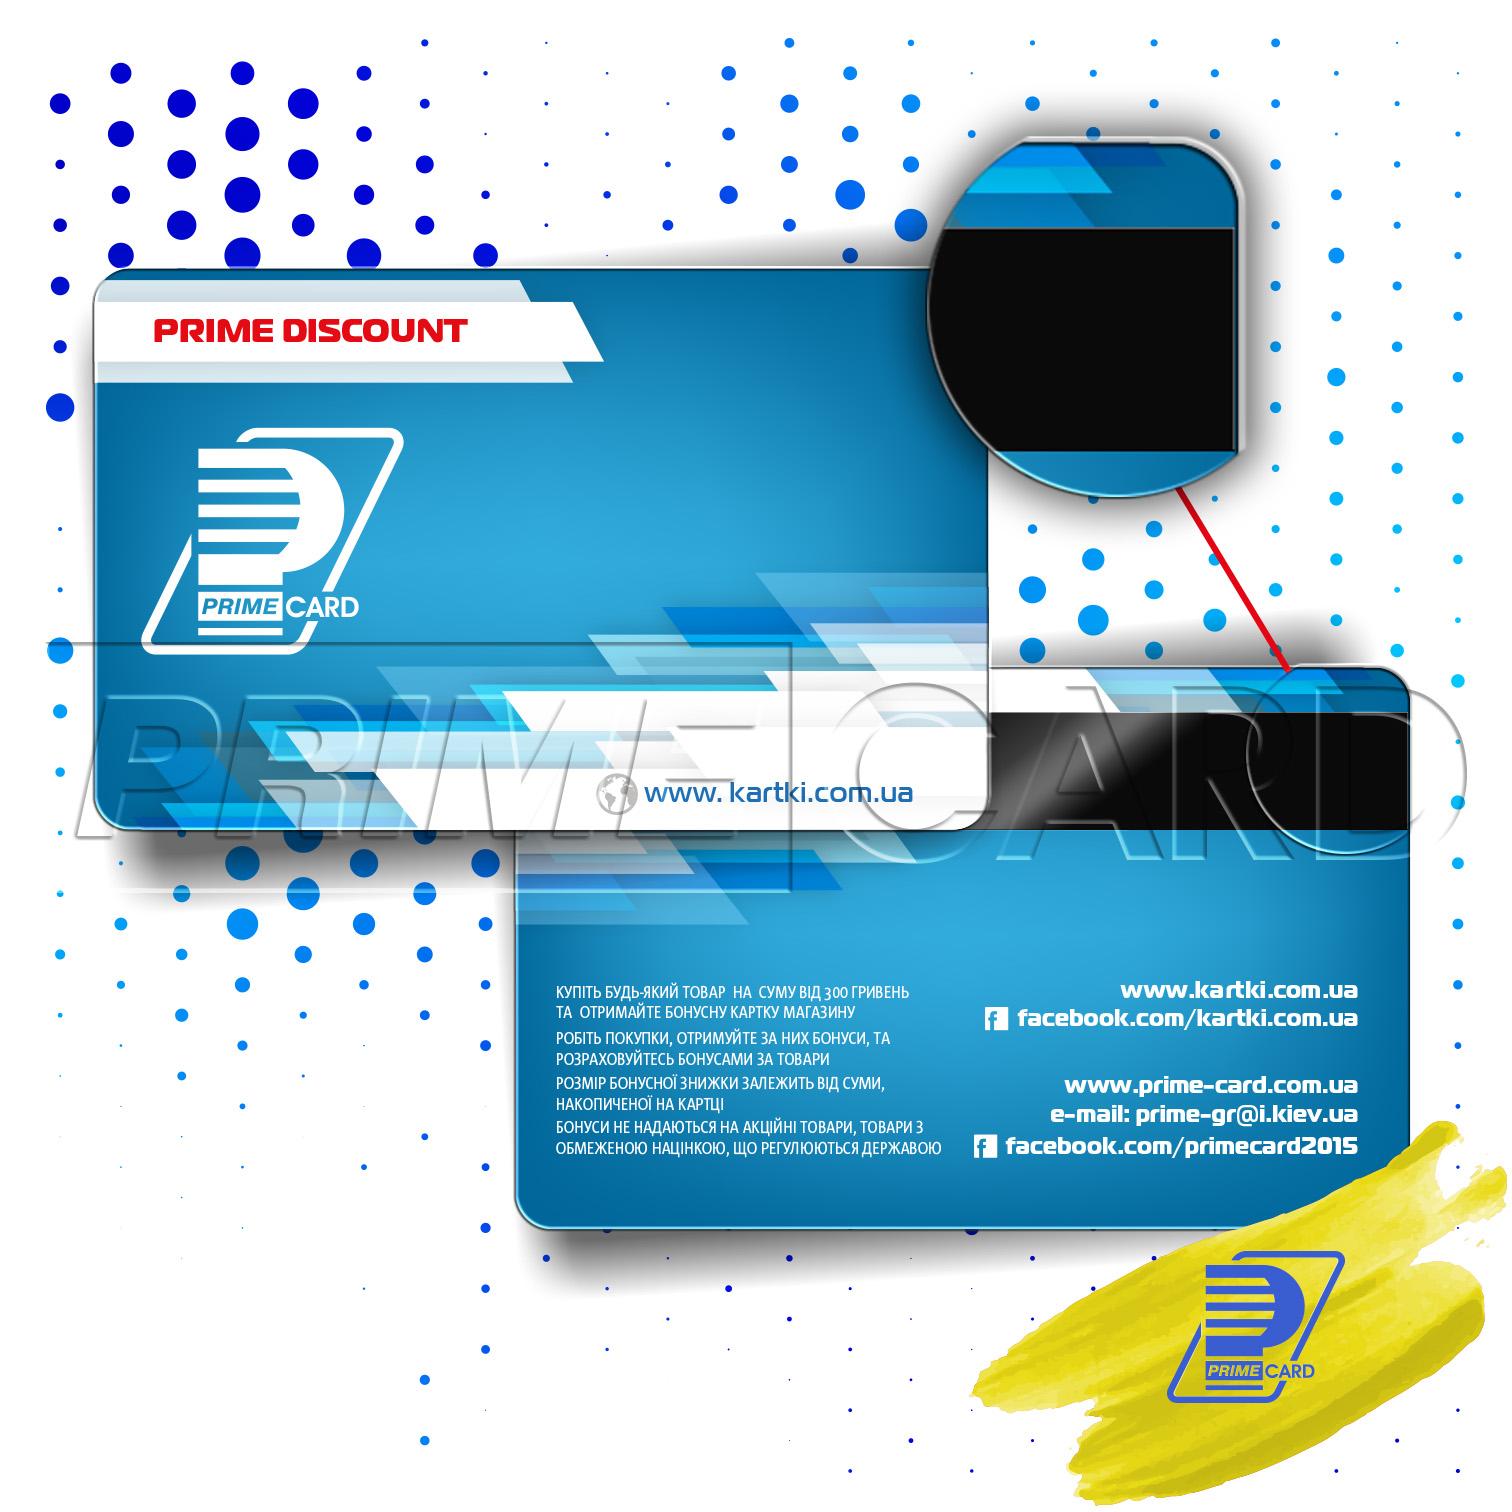 Изготовление пластиковых карт в Киеве быстро и качественно Пластиковая карта с магнитной полосой